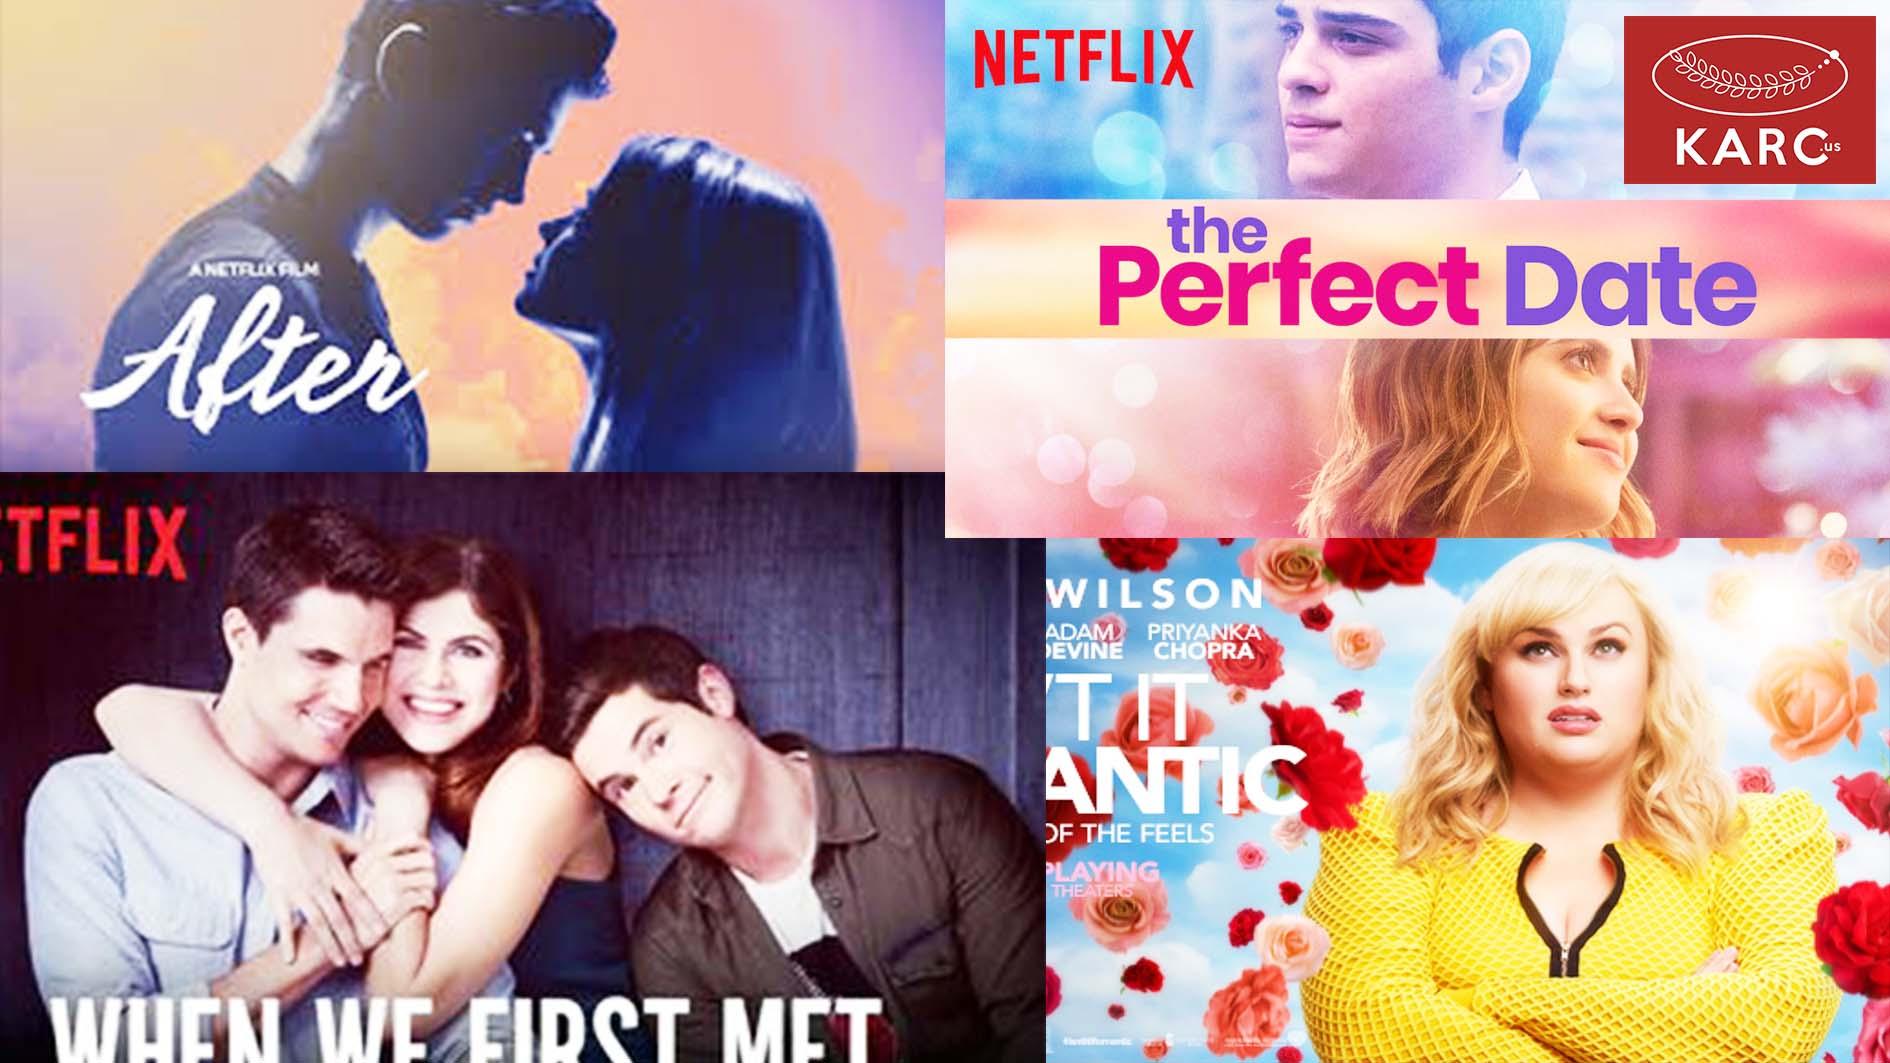 แนะนำหนัง Netflix : รวม 4 หนังรัก สุดโรแมนติค ฟินกระจาย ที่คุณห้ามพลาด karc.us , วงการภาพยนต์ , แนะนำหนังดี , แนะนำหนังน่าดูหนังน่าดู , รีวิวหนังใหม่ , ก่อนตายต้องได้ดู! , ข่าวดารา , ข่าวเด่นประเด็นร้อน , รีวิวหนังใหม่ , หนังดังในอดีต